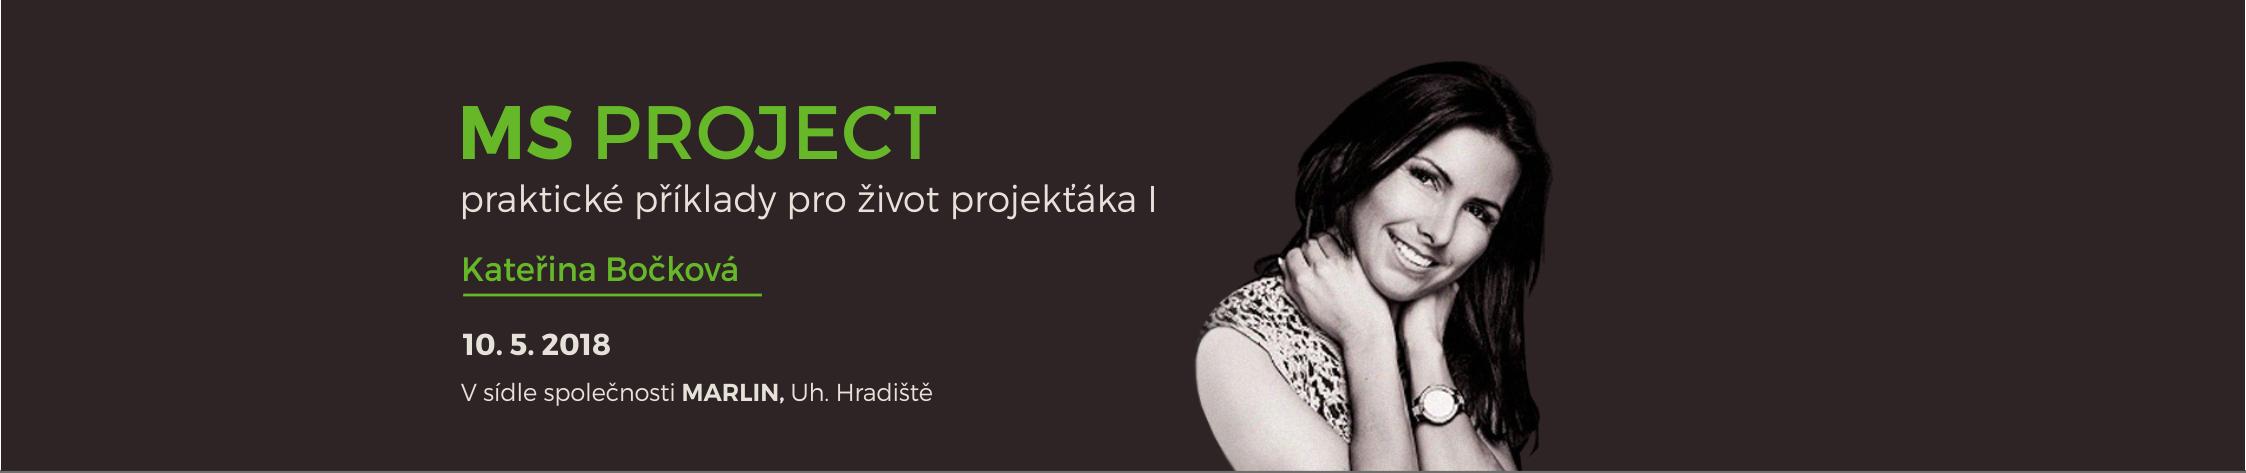 MS Project - praktické příklady pro život projekťáka I